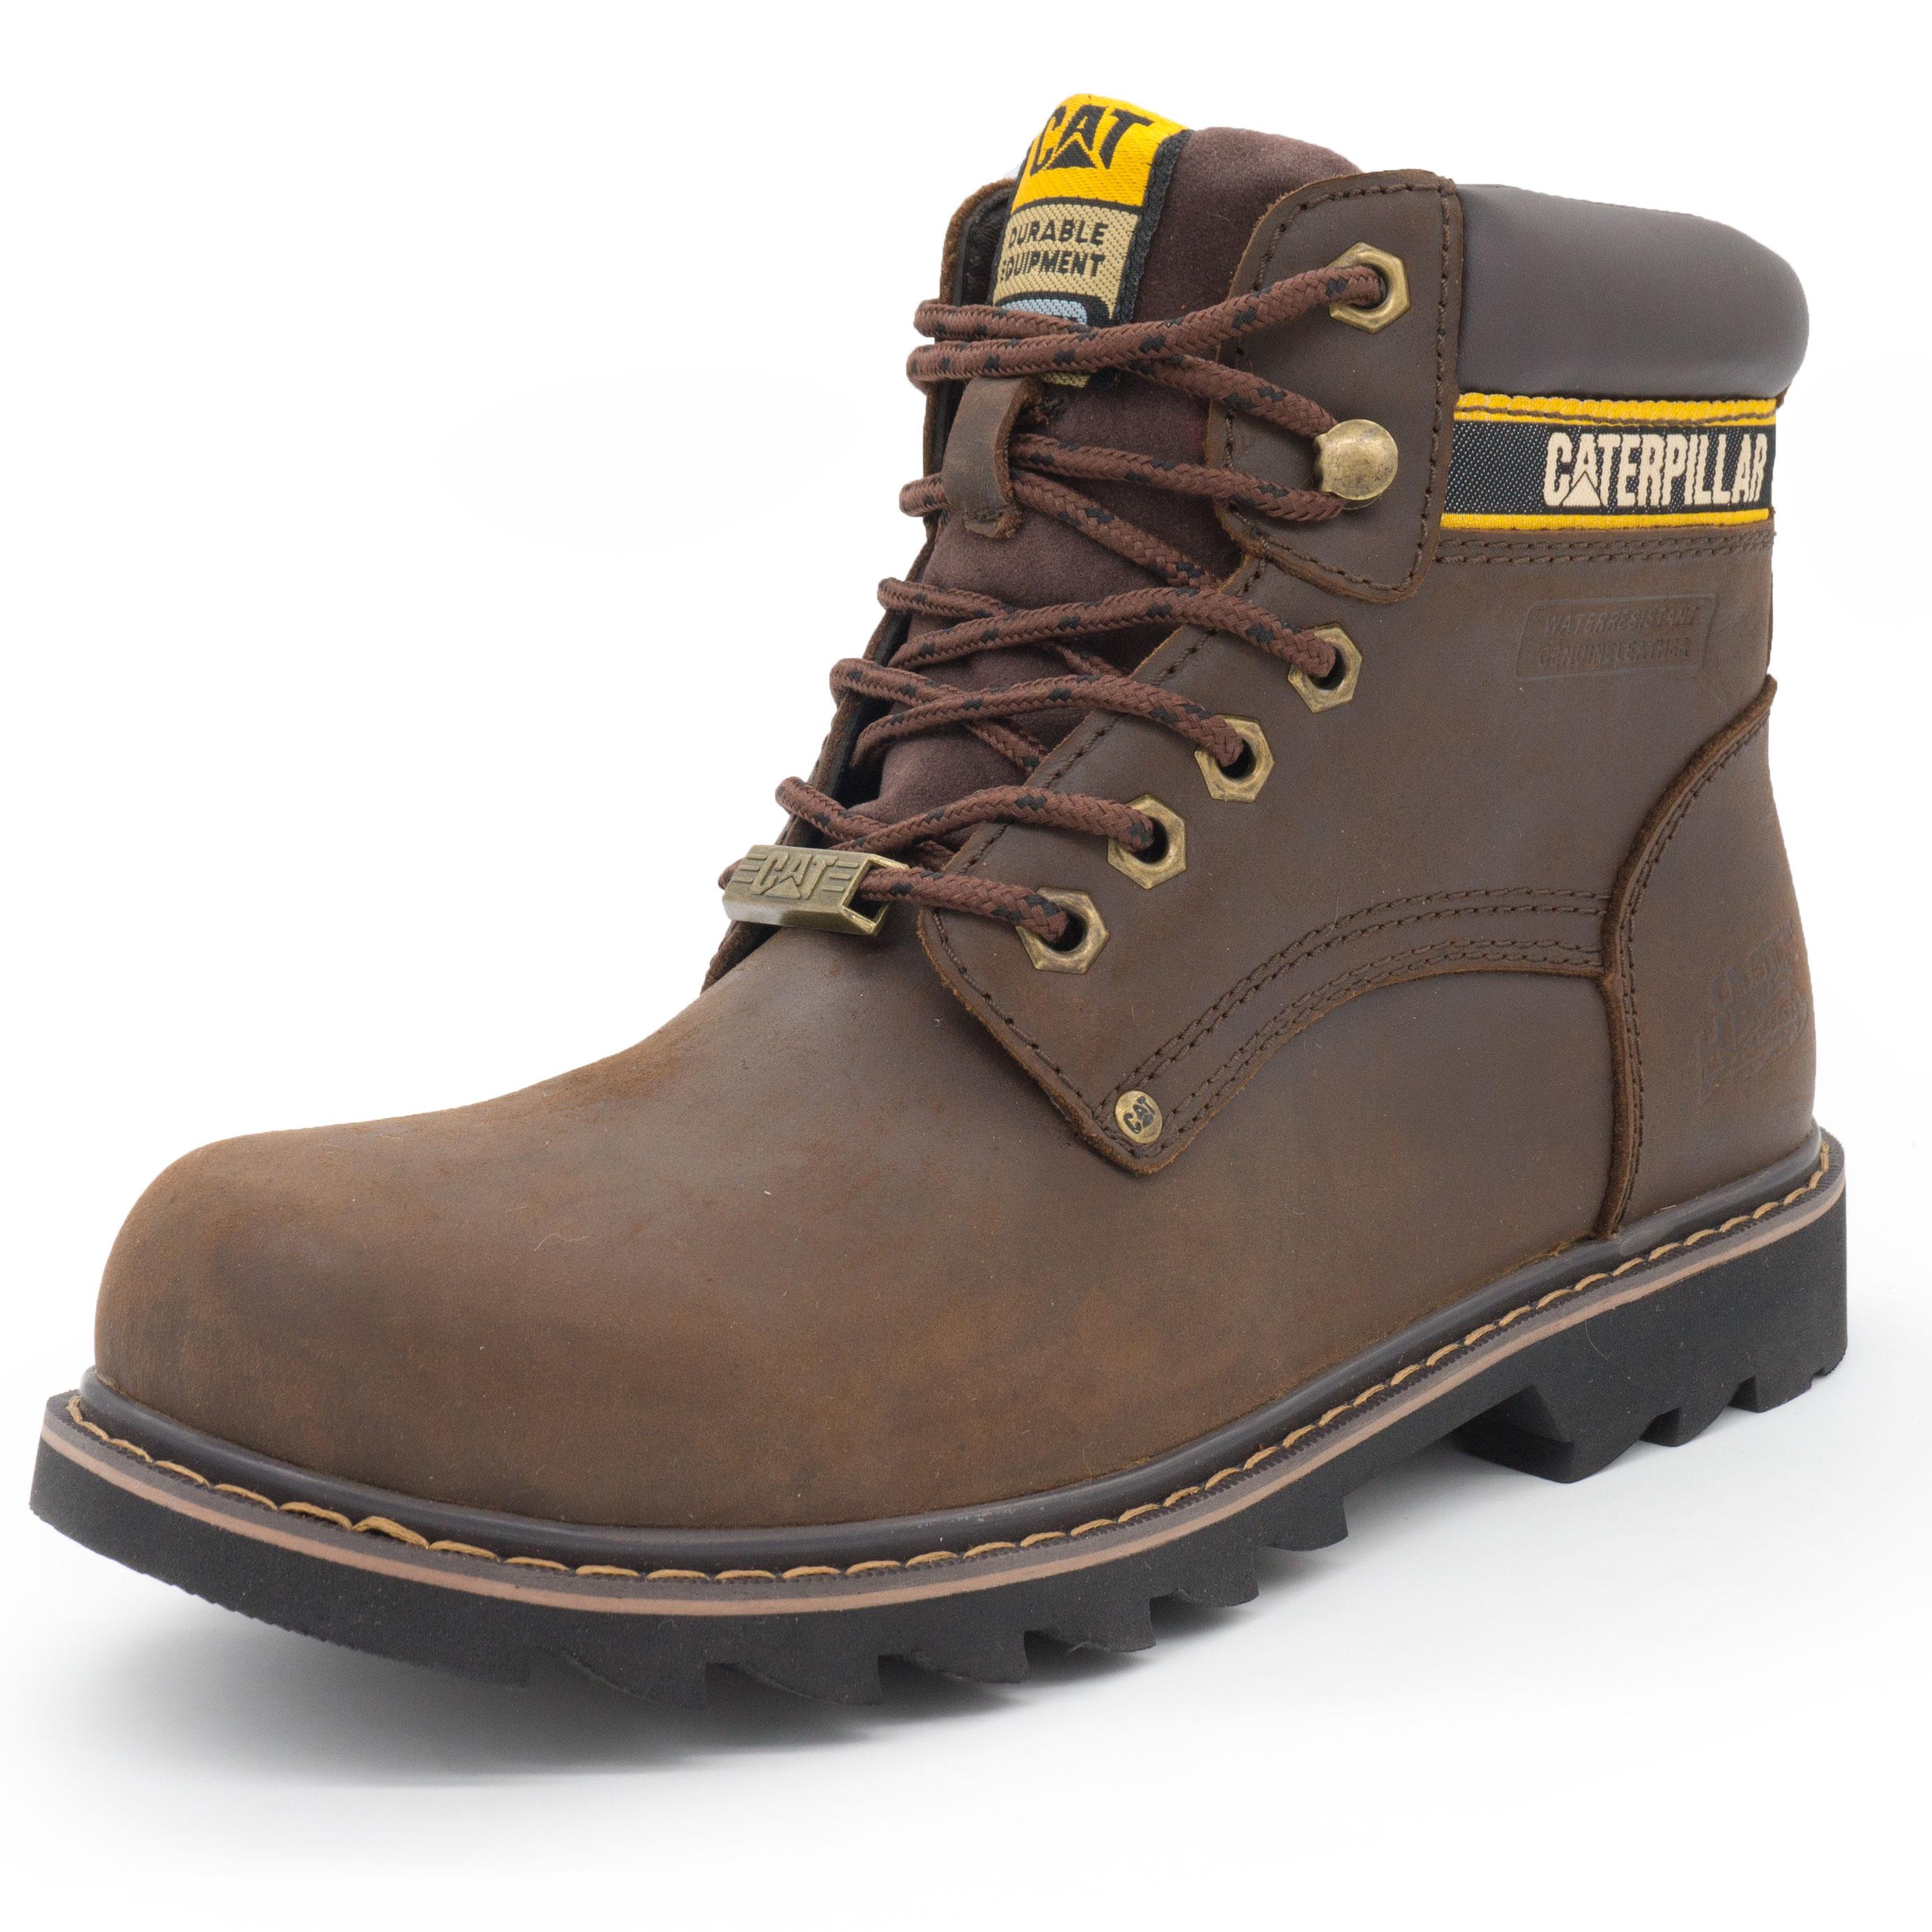 1b93fa0e4 Коричневые мужские ботинки CAT, купить ботинки Катерпиллер в ...